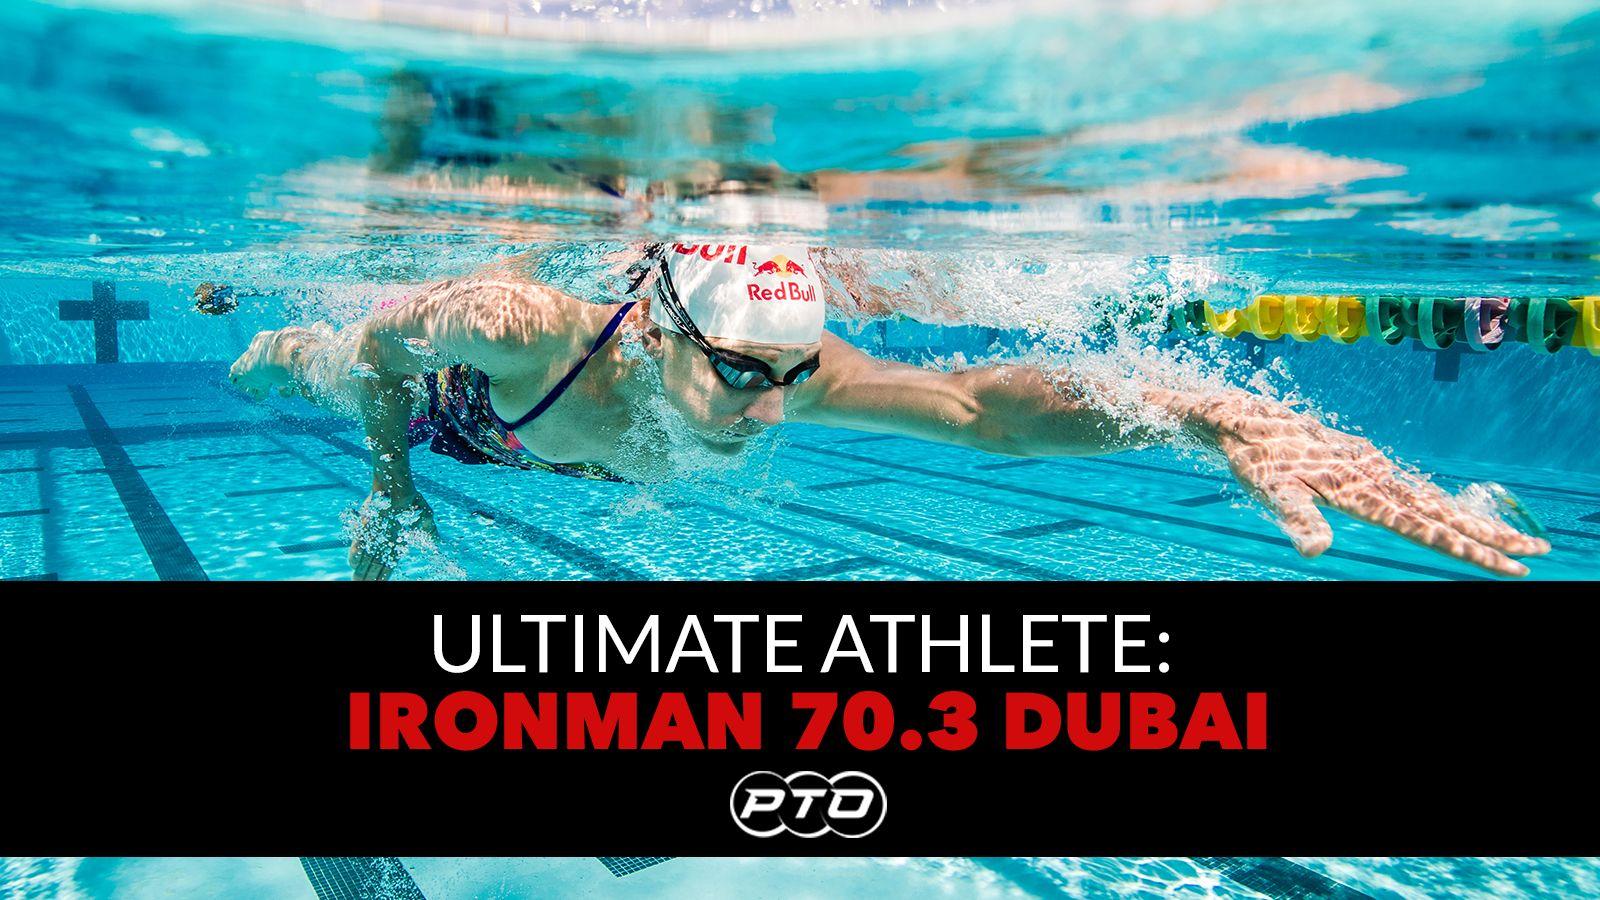 Ultimate Athlete: Ironman 70.3 Dubai